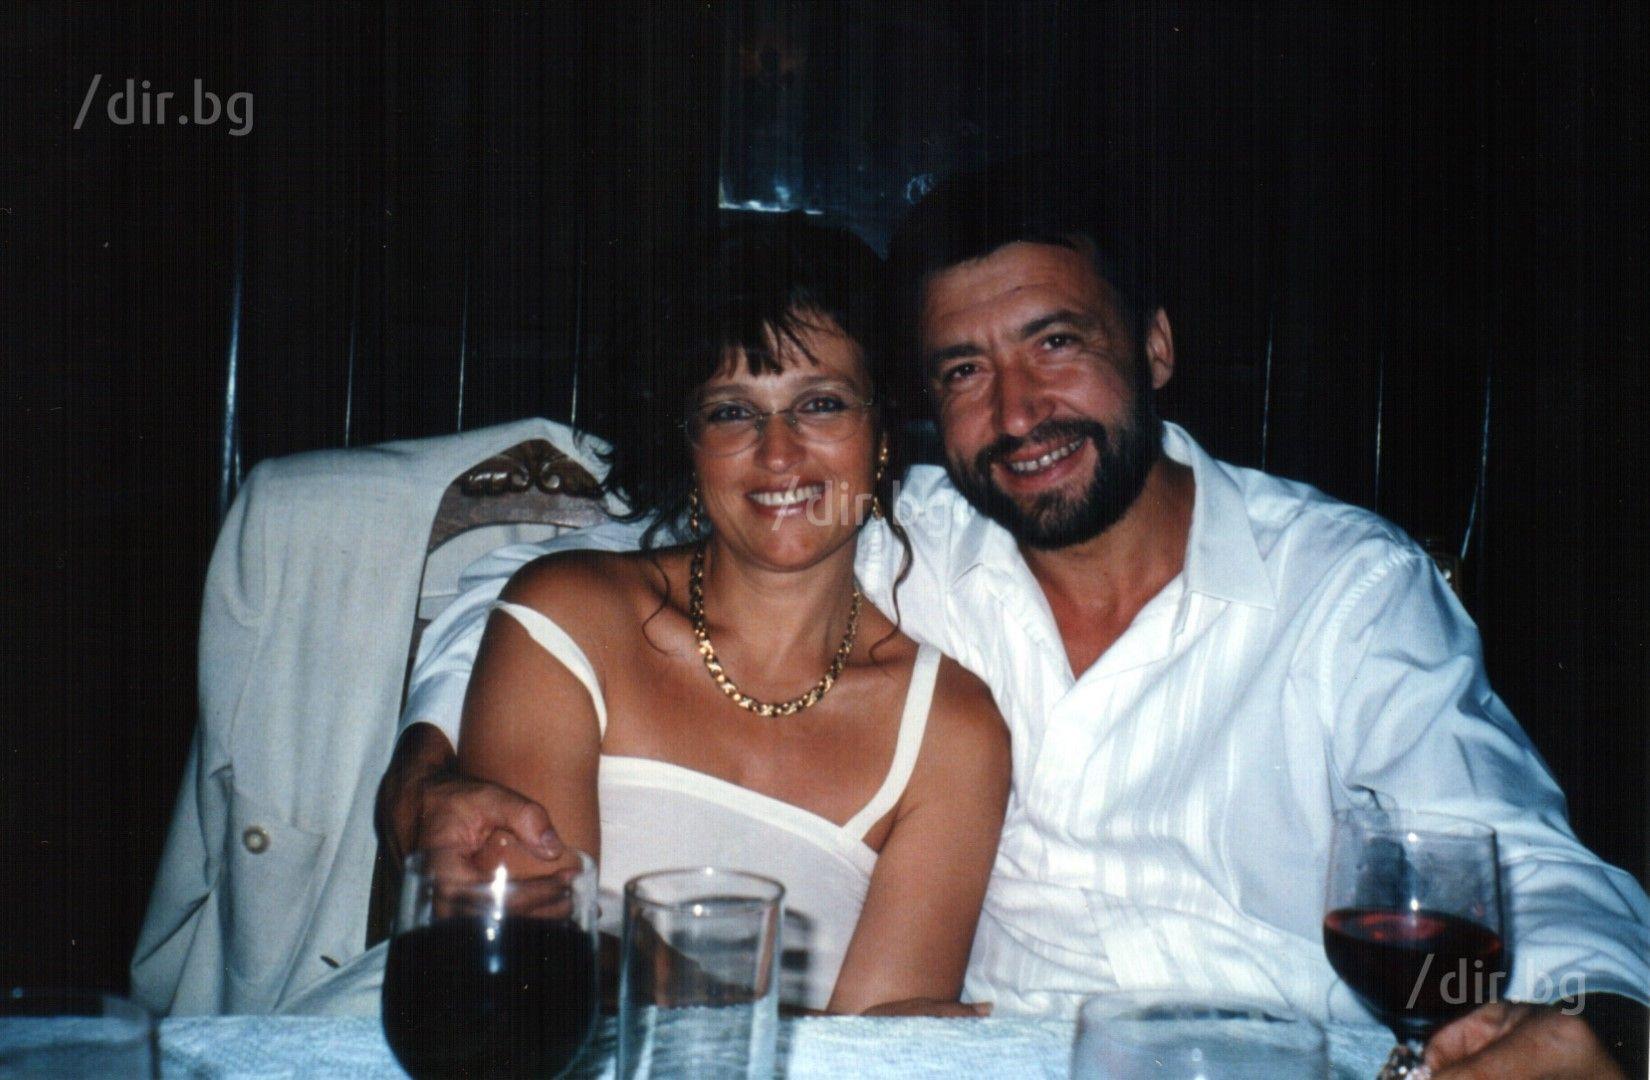 Николай и Дочка Баневи - щастливи заедно